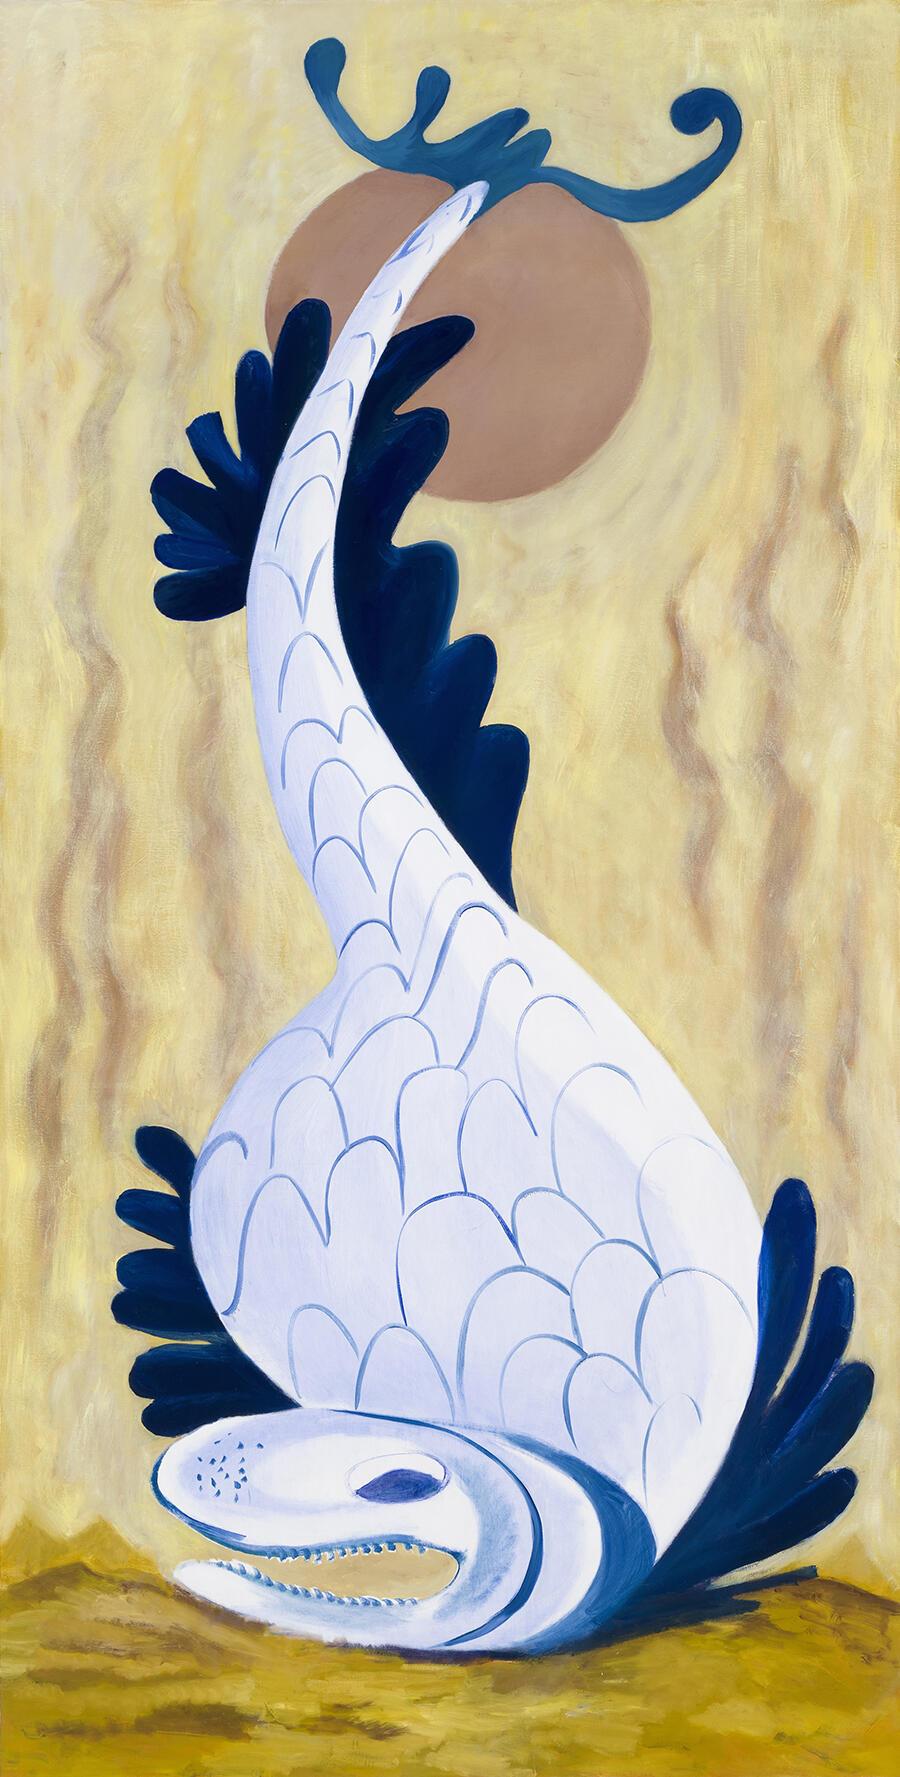 allison-katz-whale-II